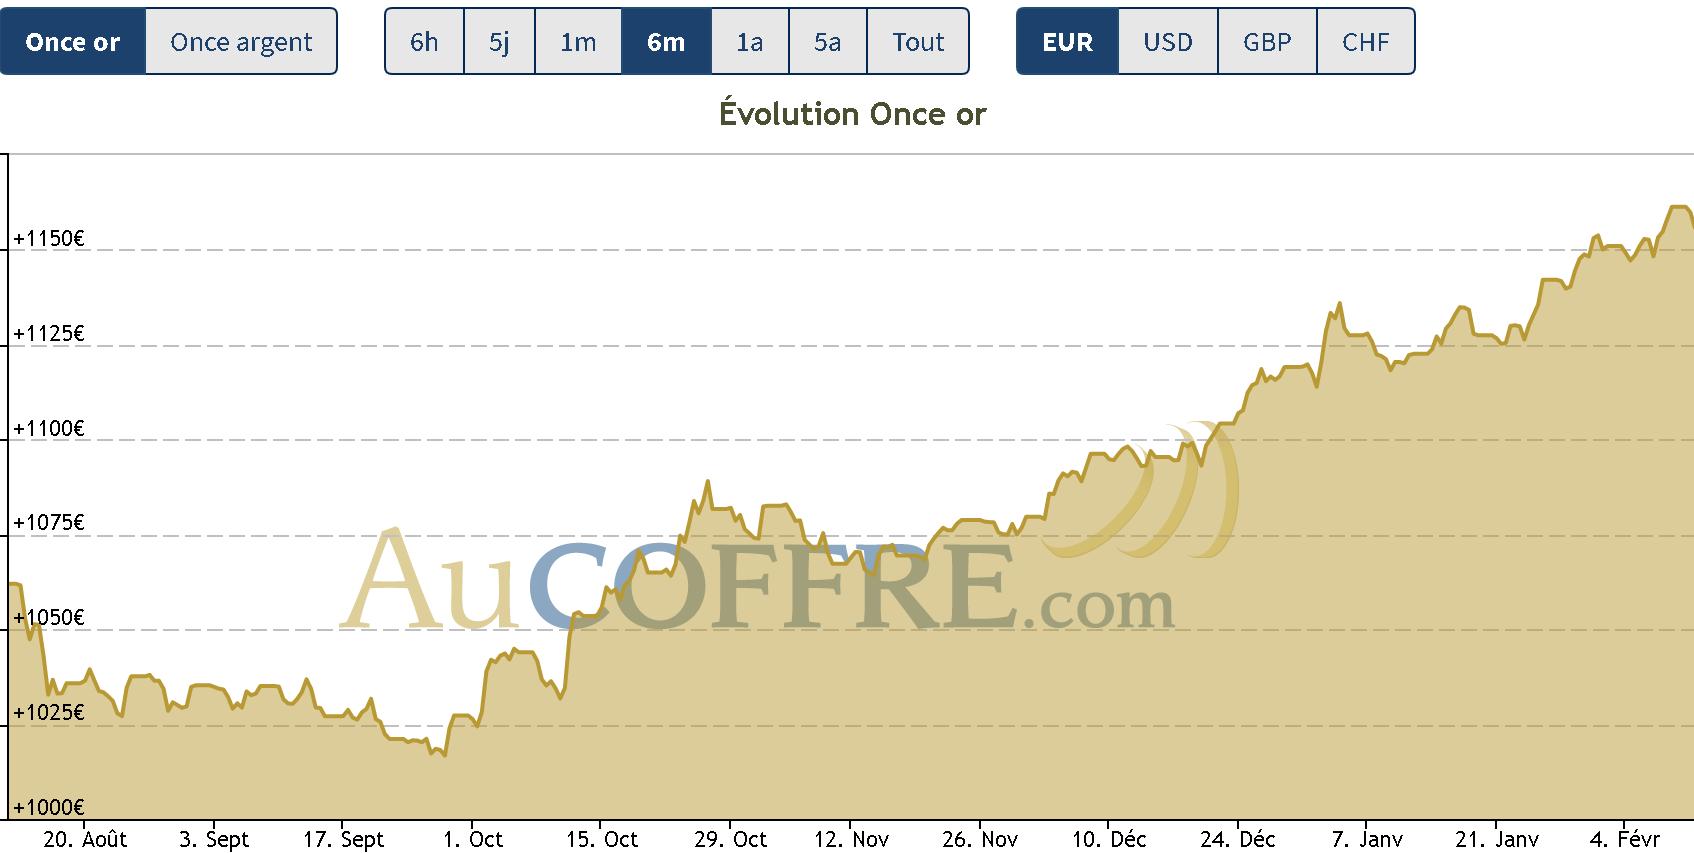 cours de l'or : forte hausse depuis septembre 2018